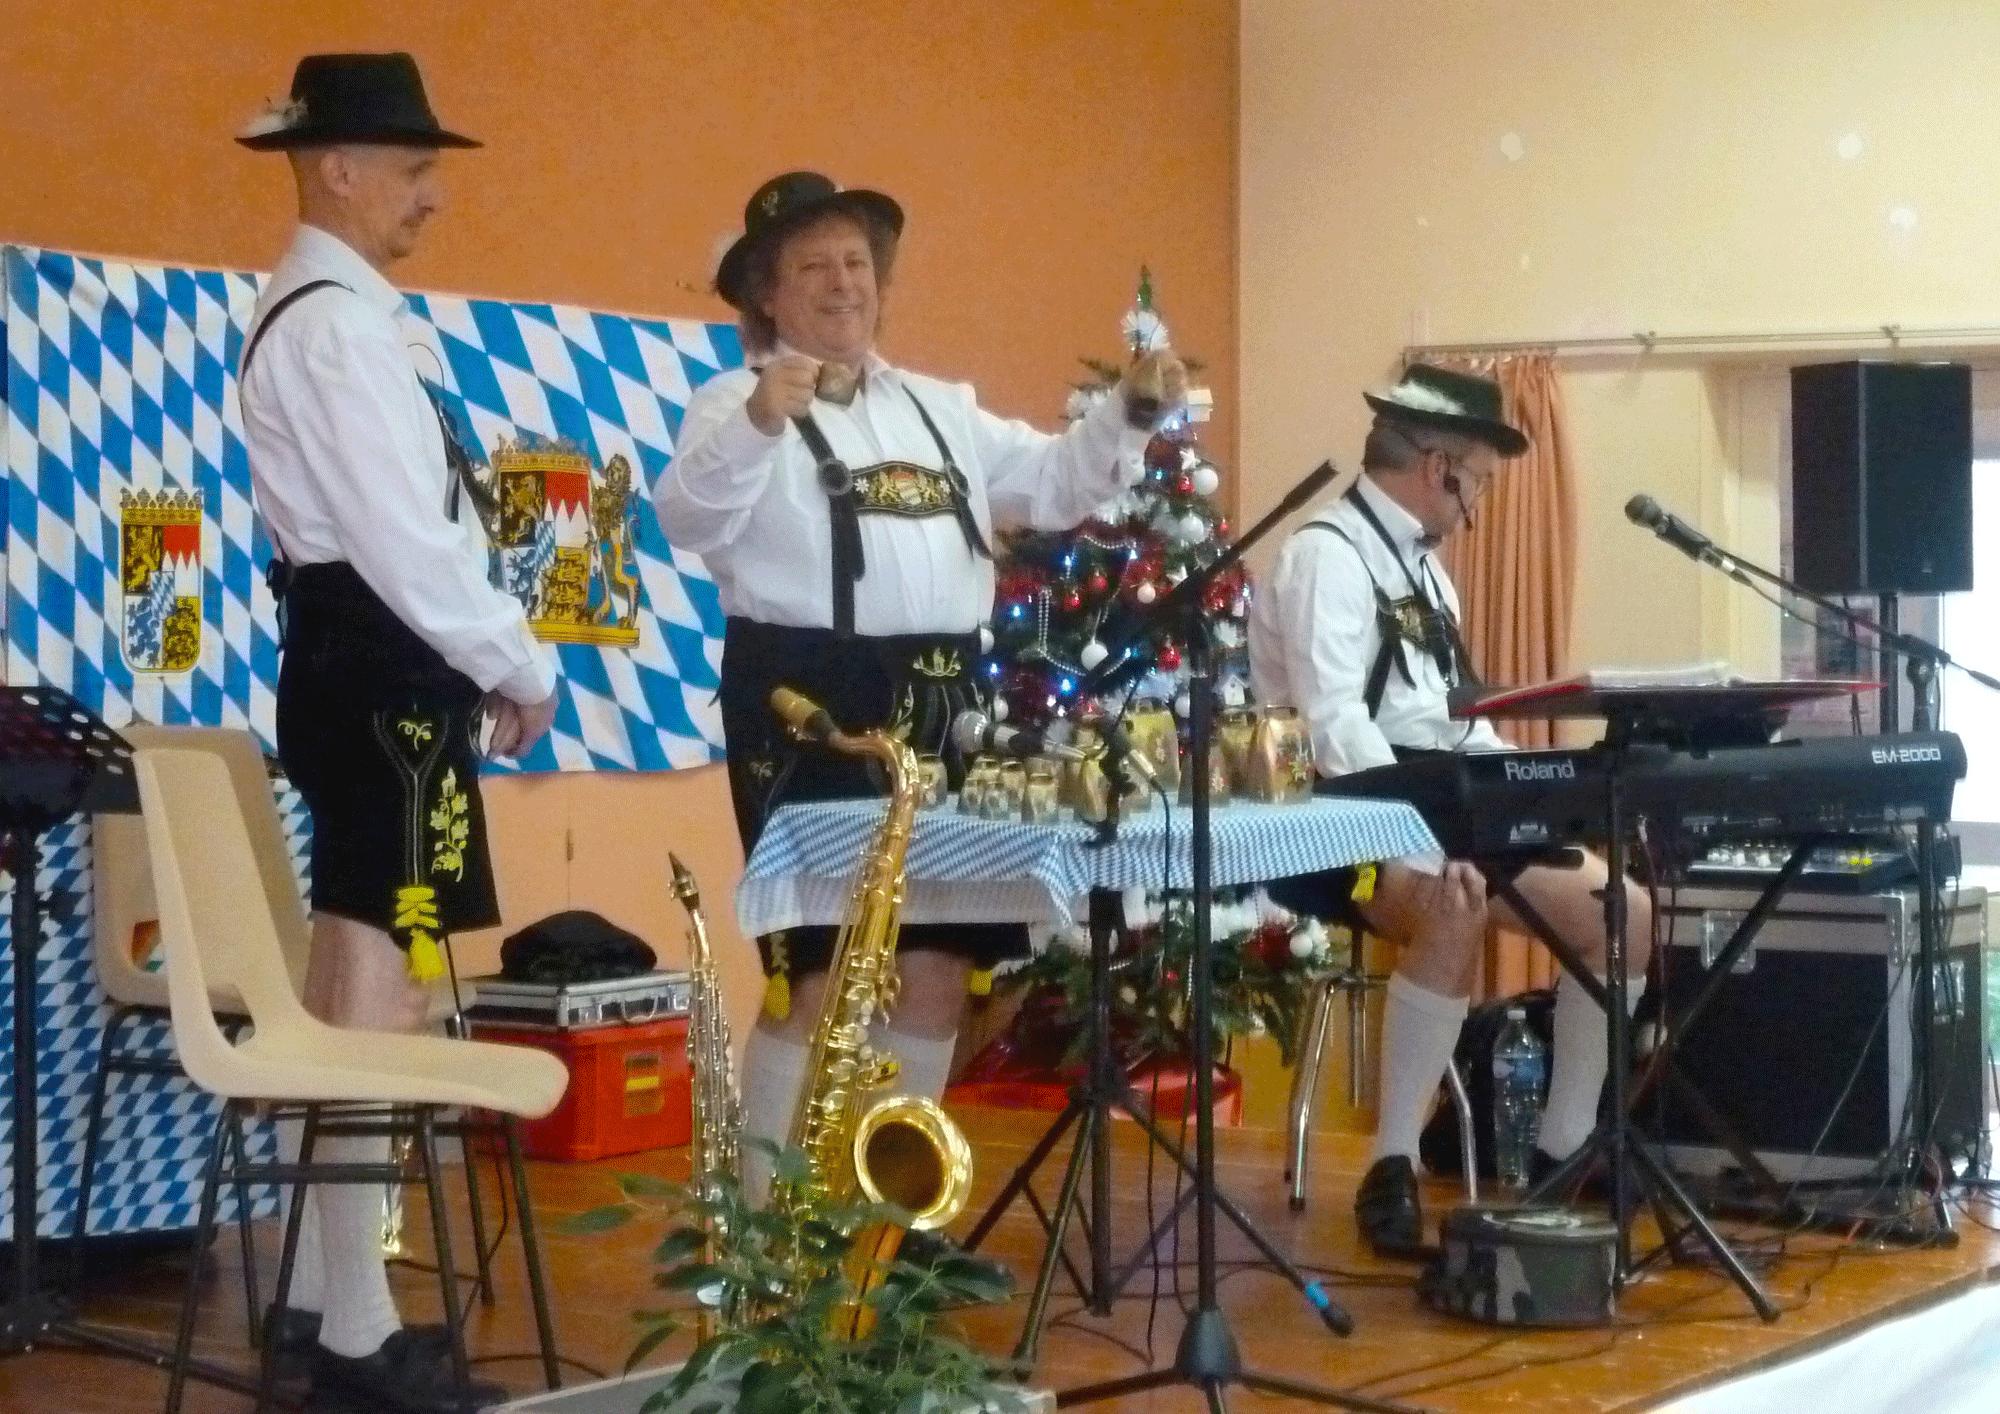 15-Clarines-tyroliennes-avec-un-orchestre-bavarois-30-11-2014-à-Poce-sur-Cisse-37